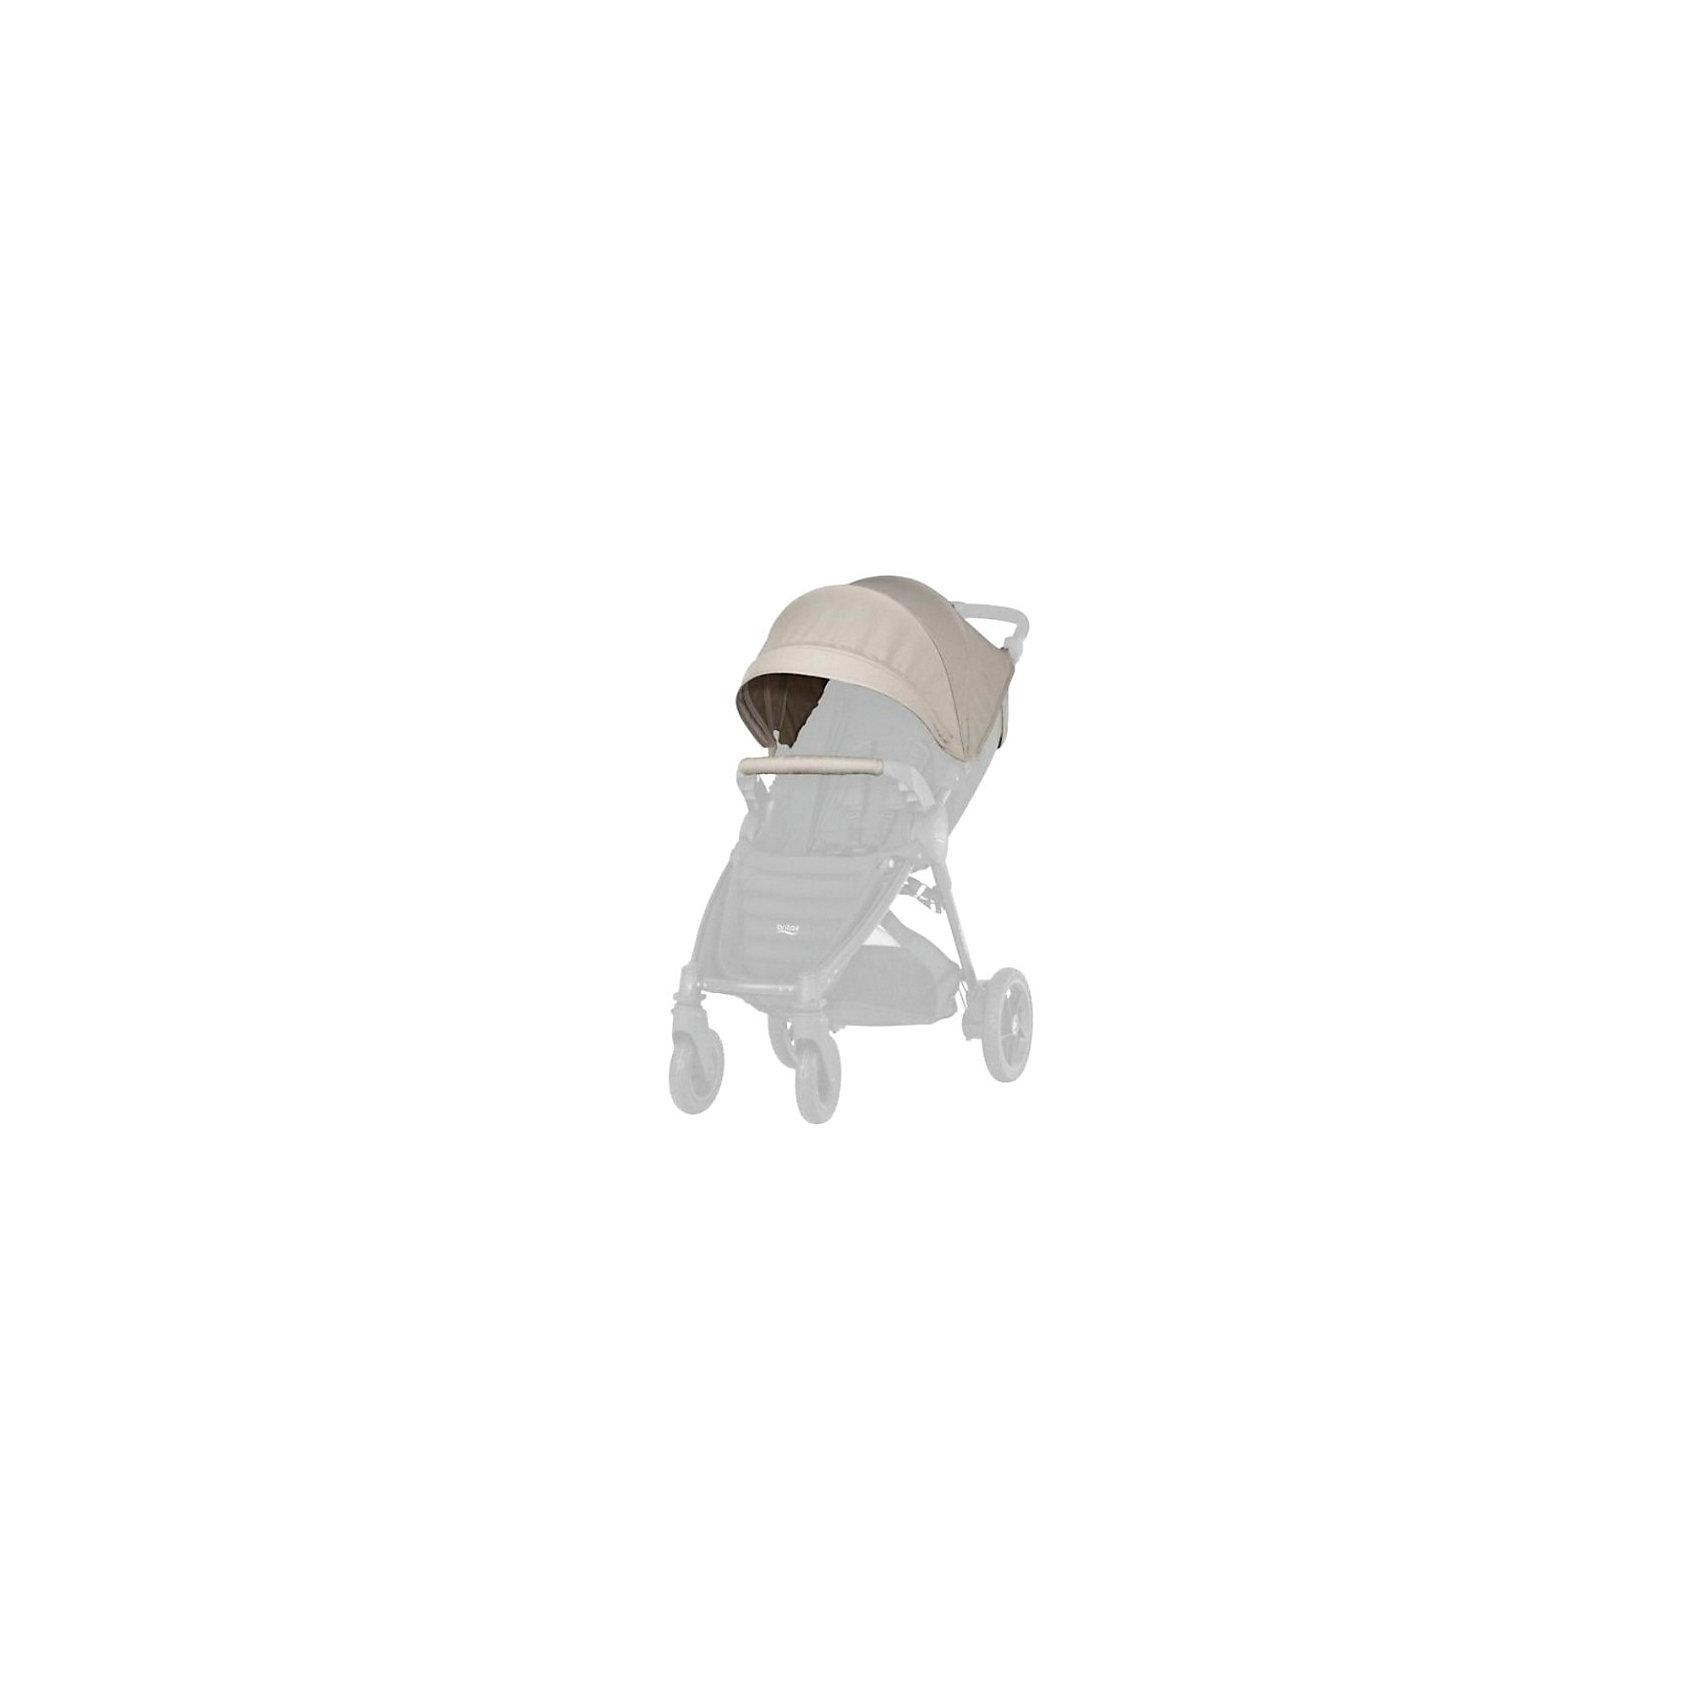 Капор для прогулочной коляски B-Agile/B-Motion, Britax, Sand BeigeАксессуары для колясок<br>Капор с объемным верхом и солнцезащитным козырьком – незаменимая вещь для любой погоды. Он защитит кроху от солнечных лучей и пыли летом и убережет от ветра, дождя и холодного воздуха в непогоду. В комплекте - накладка на бампер. Аксессуар выполнен из высококачественных водонепроницаемых прочных материалов. <br><br>Дополнительная информация:<br><br>- Материал: пластик, текстиль. <br>- Комплектация: капор, накладка на бампер. <br>- Предназначен для коляски B-Agile 4 Plus и B-Motion 4 Plus.<br>- Легко устанавливается, прочно закрепляется. <br><br>Капор для прогулочной коляски B-Agile/B-Motion, Britax (Бритакс), Sand Beige, можно купить в нашем магазине.<br><br>Ширина мм: 450<br>Глубина мм: 60<br>Высота мм: 500<br>Вес г: 2500<br>Возраст от месяцев: 0<br>Возраст до месяцев: 48<br>Пол: Унисекс<br>Возраст: Детский<br>SKU: 4722161